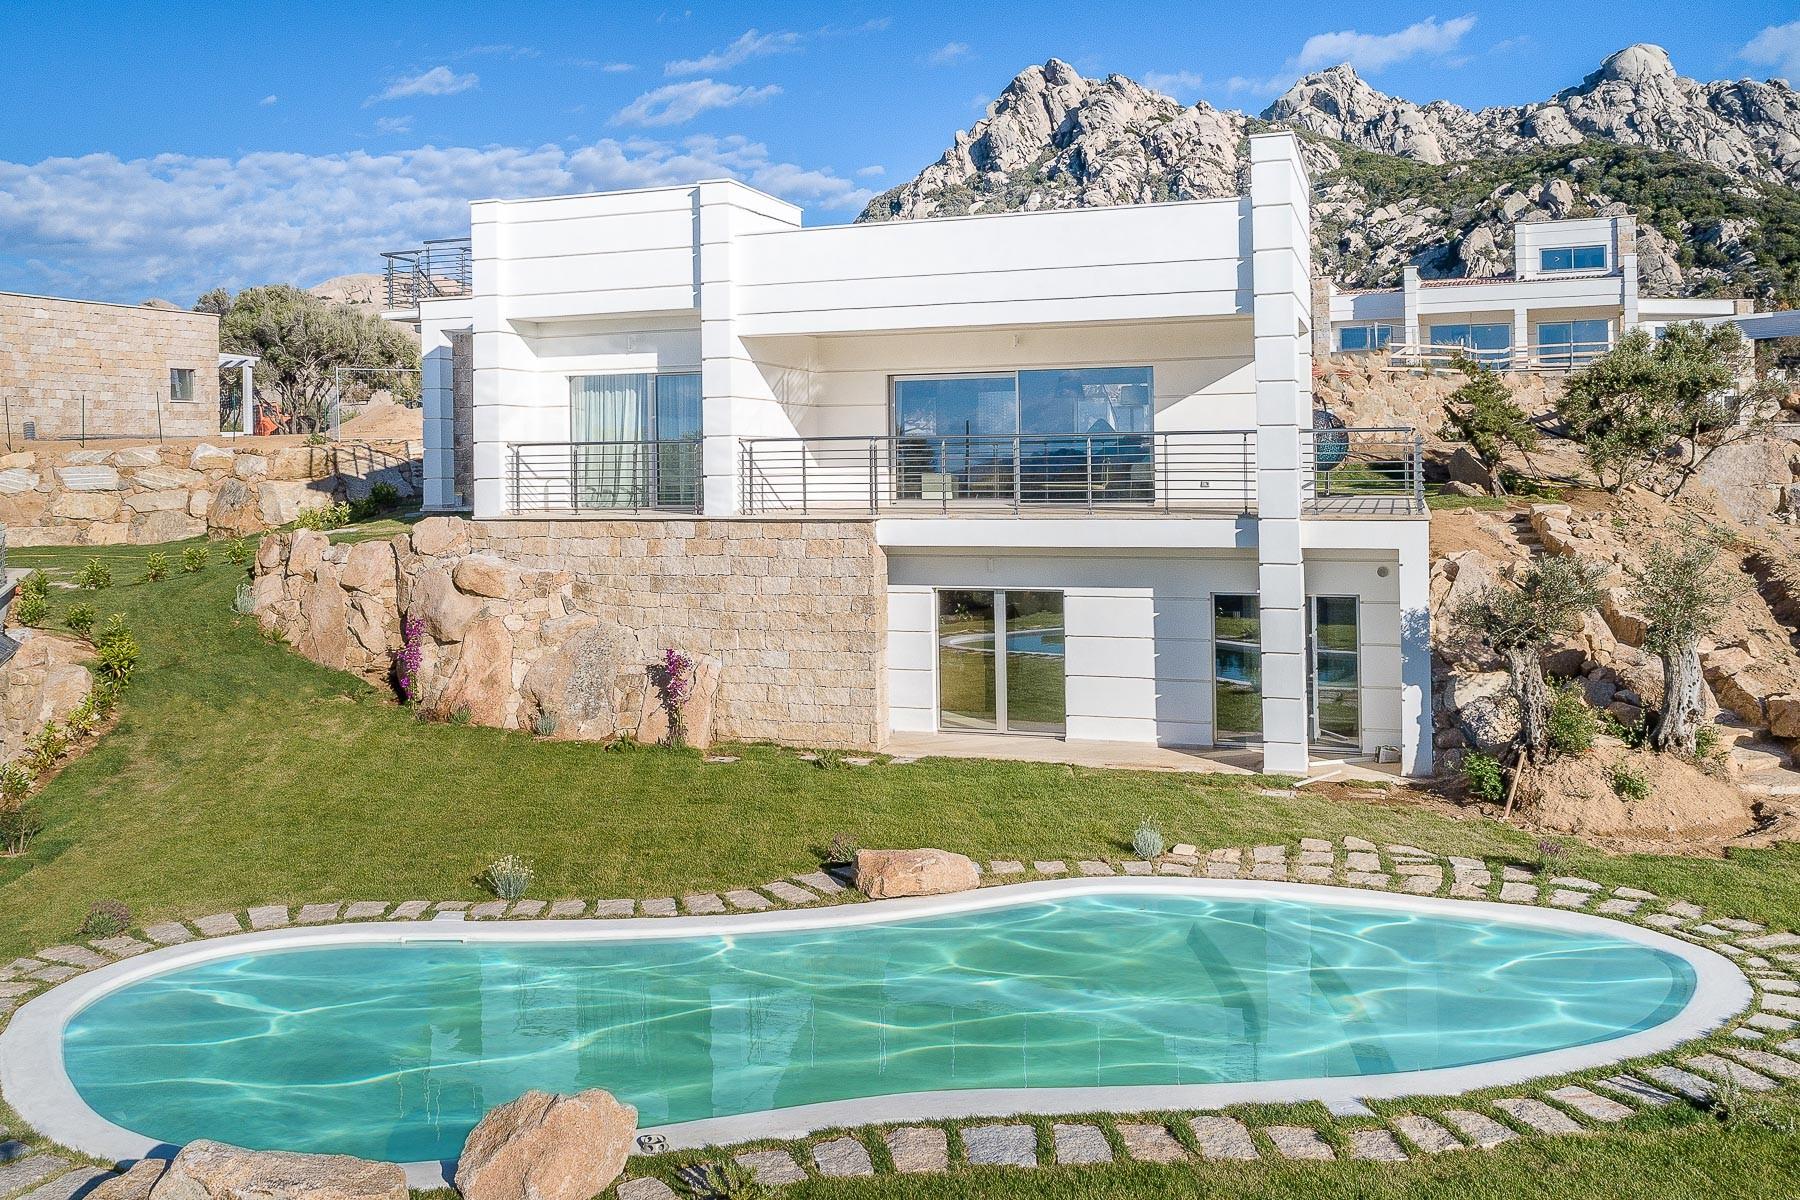 Villa in Vendita a Arzachena: 4 locali, 211 mq